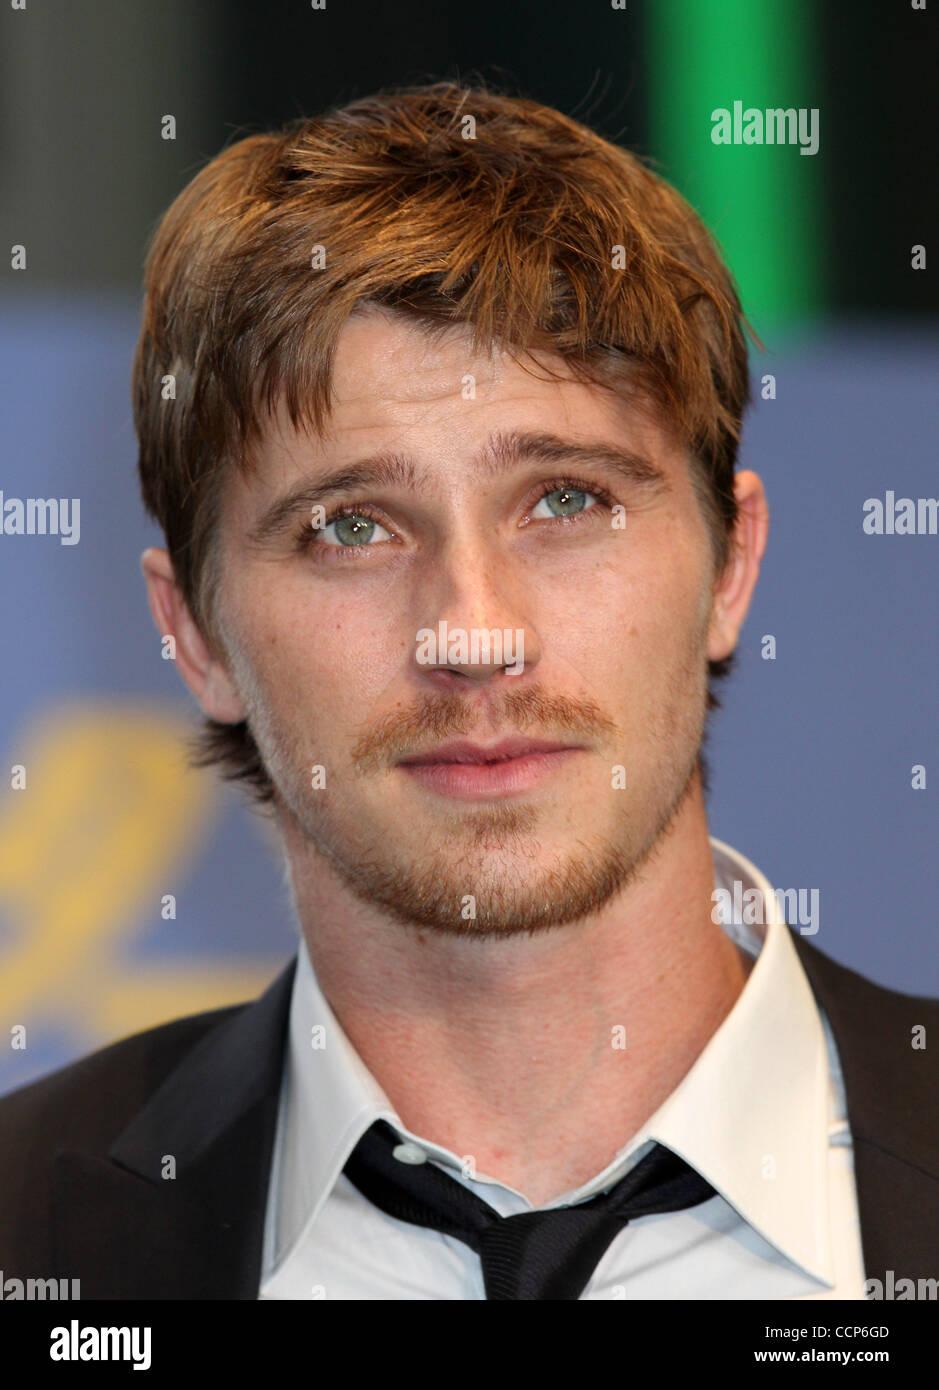 Garrett Hedlund Filmes pertaining to oct. 23, 2010 - tokyo, japan - actor garrett hedlund attends the